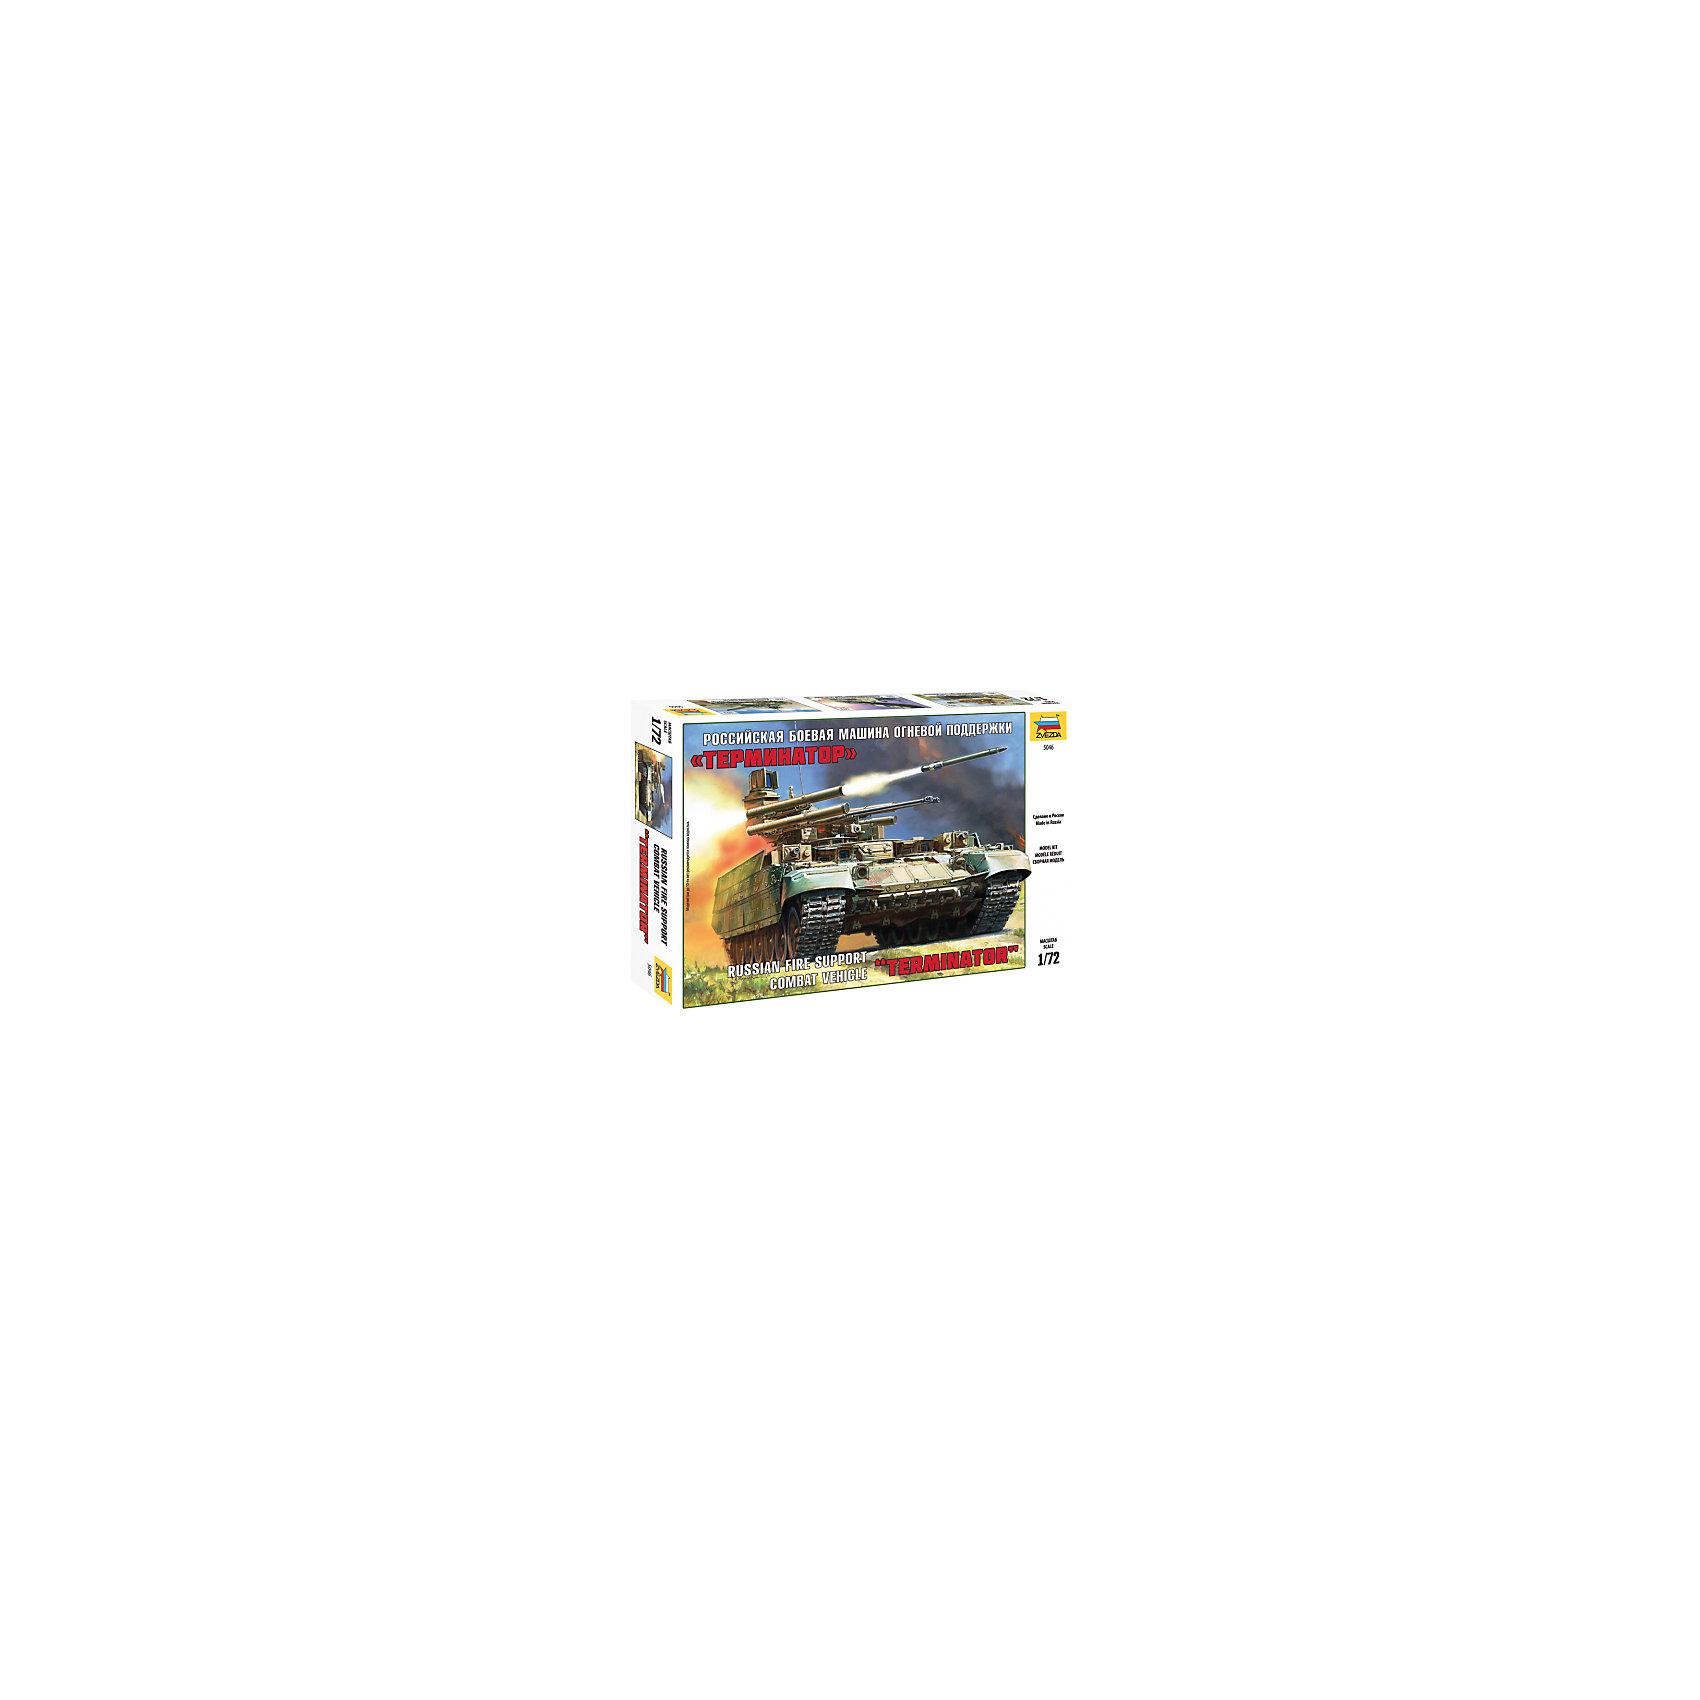 Сборная модель Звезда Боевая машина огневой поддержки. Терминатор, 1:72Модели для склеивания<br>Модель сборная БМПТ Терминатор<br><br>Ширина мм: 304<br>Глубина мм: 205<br>Высота мм: 50<br>Вес г: 280<br>Возраст от месяцев: 36<br>Возраст до месяцев: 180<br>Пол: Мужской<br>Возраст: Детский<br>SKU: 7086452